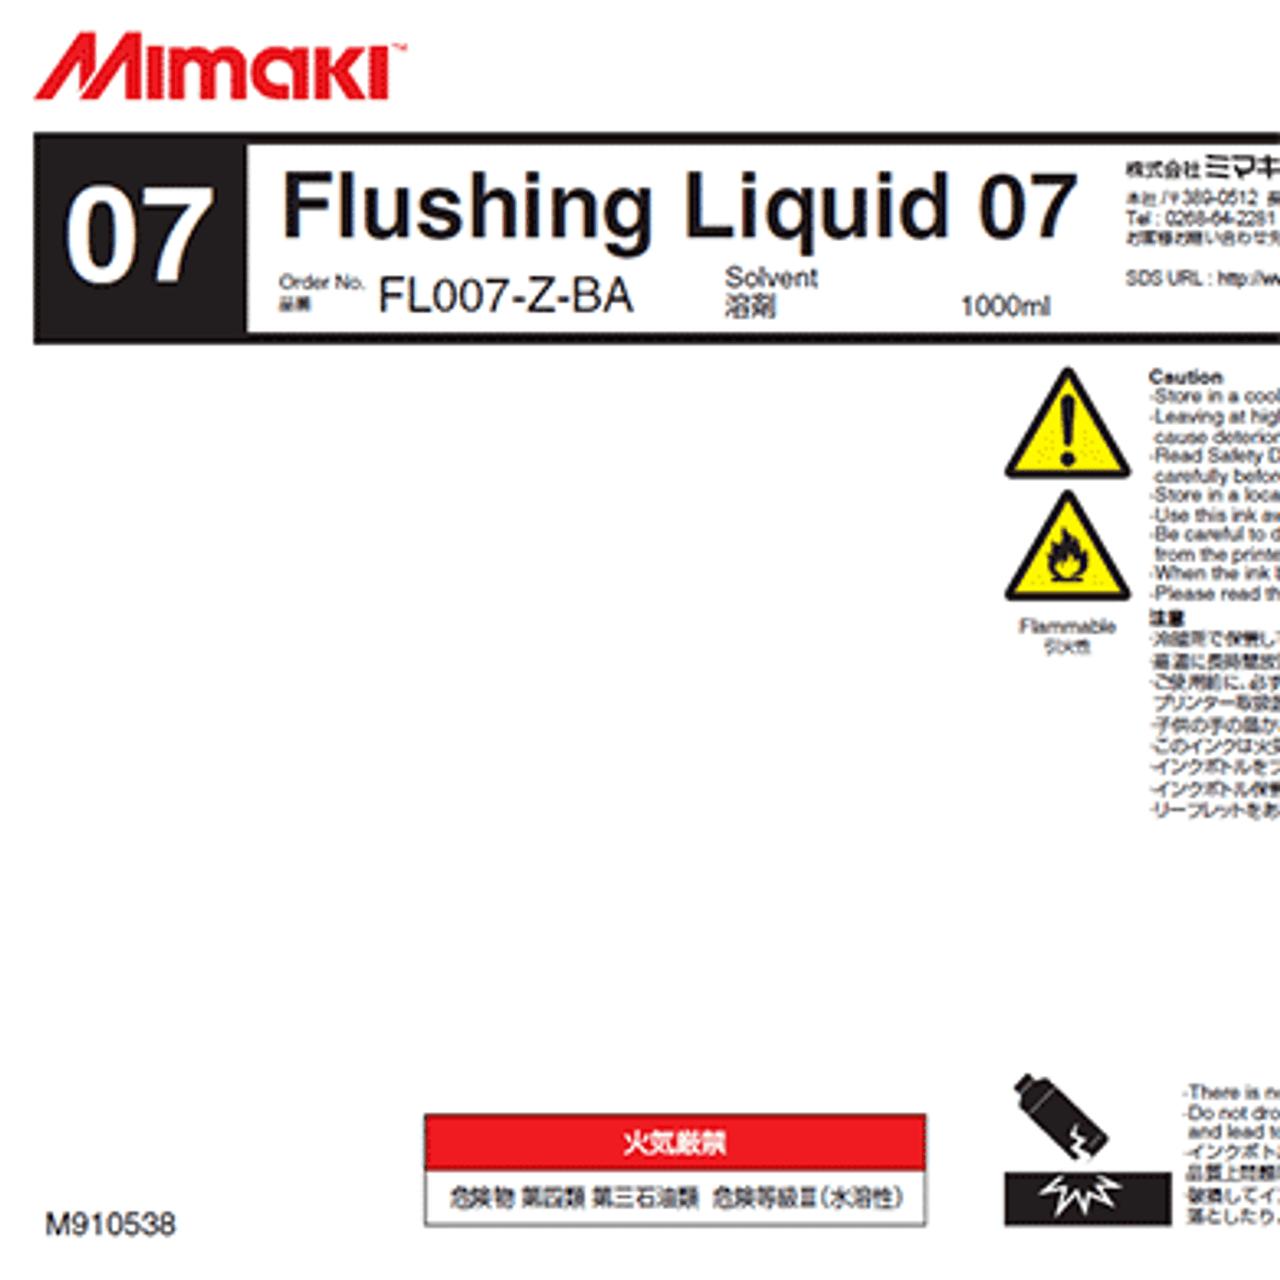 UV Inks Flushing Liquid 07 (1L bottle)